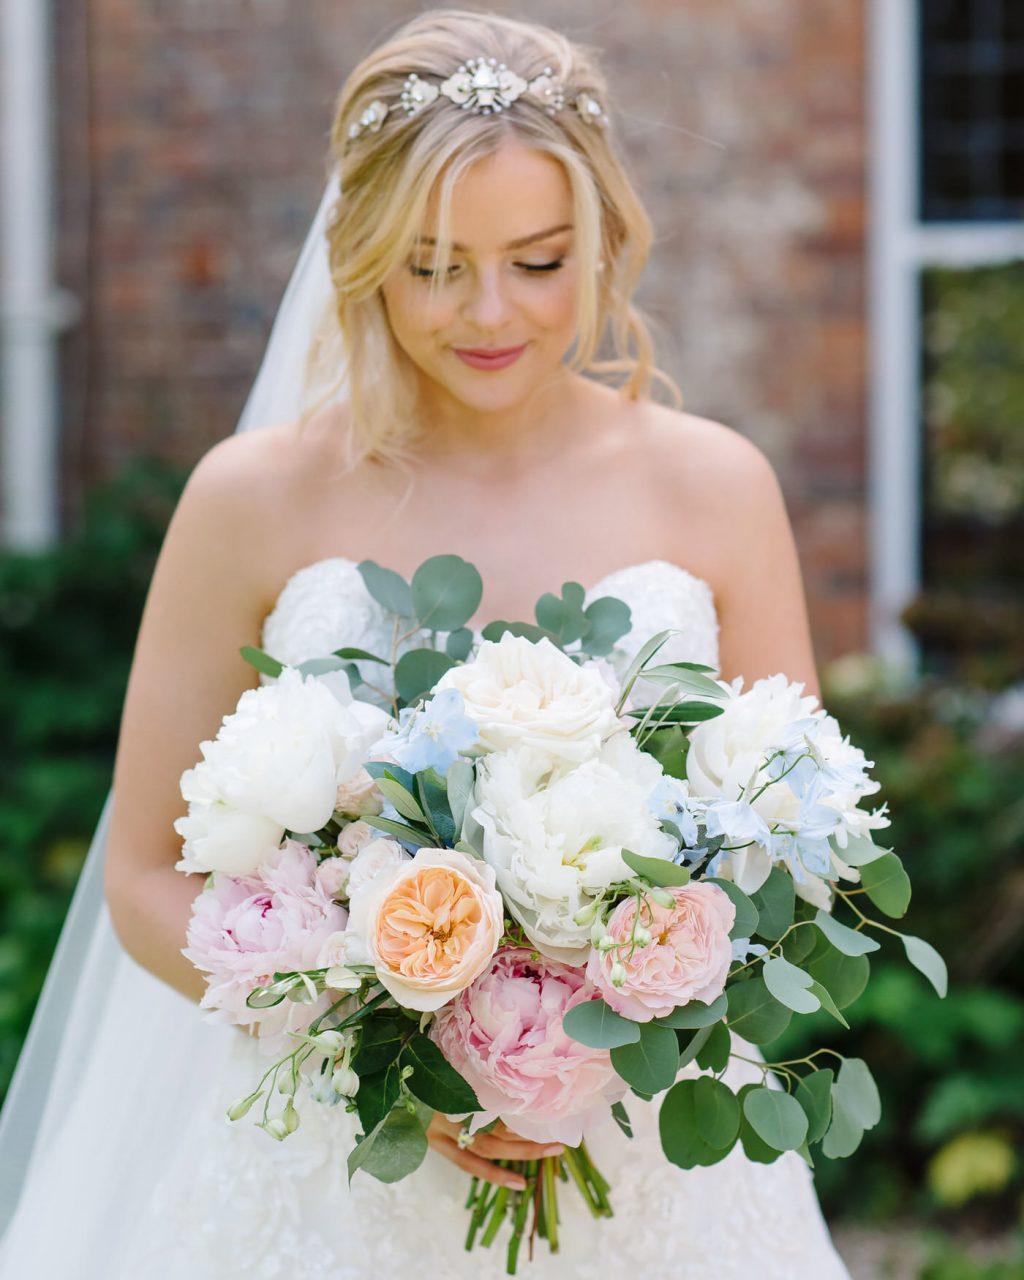 David Austin roses, peonies & blue delphinium bridal bouquet.